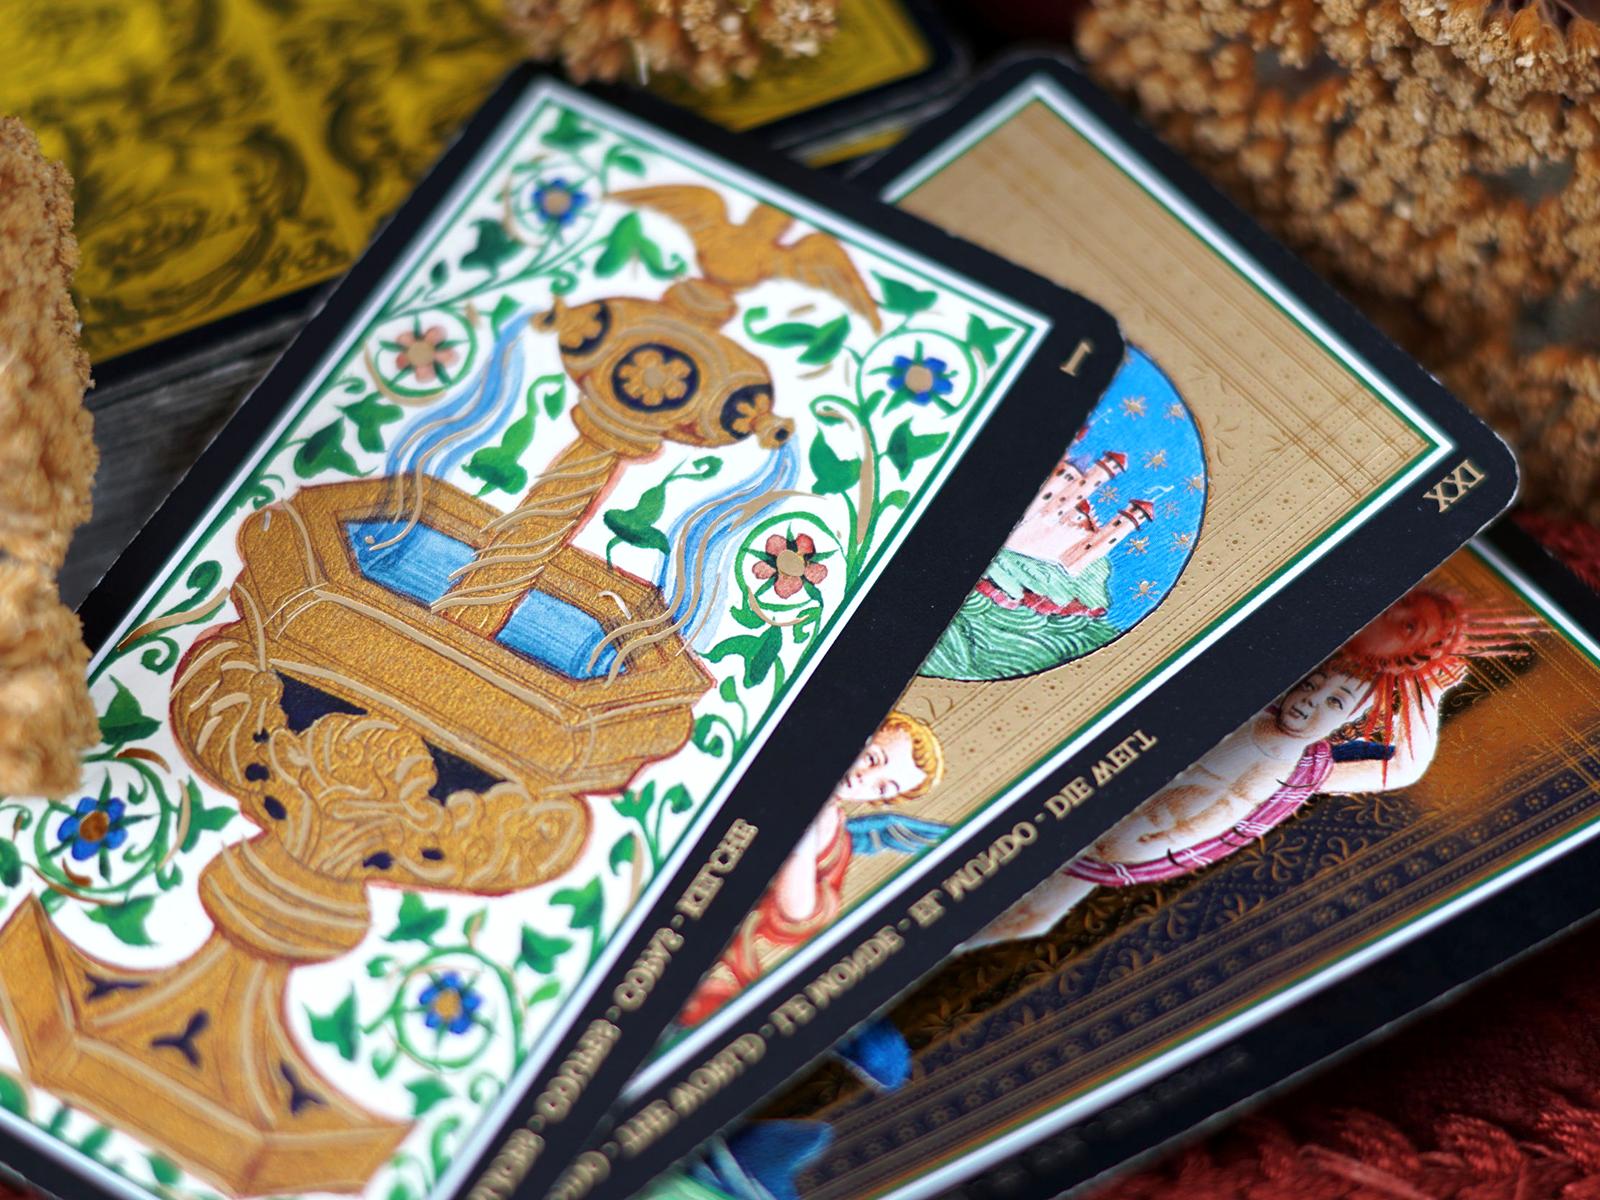 la signification des cartes du tarot